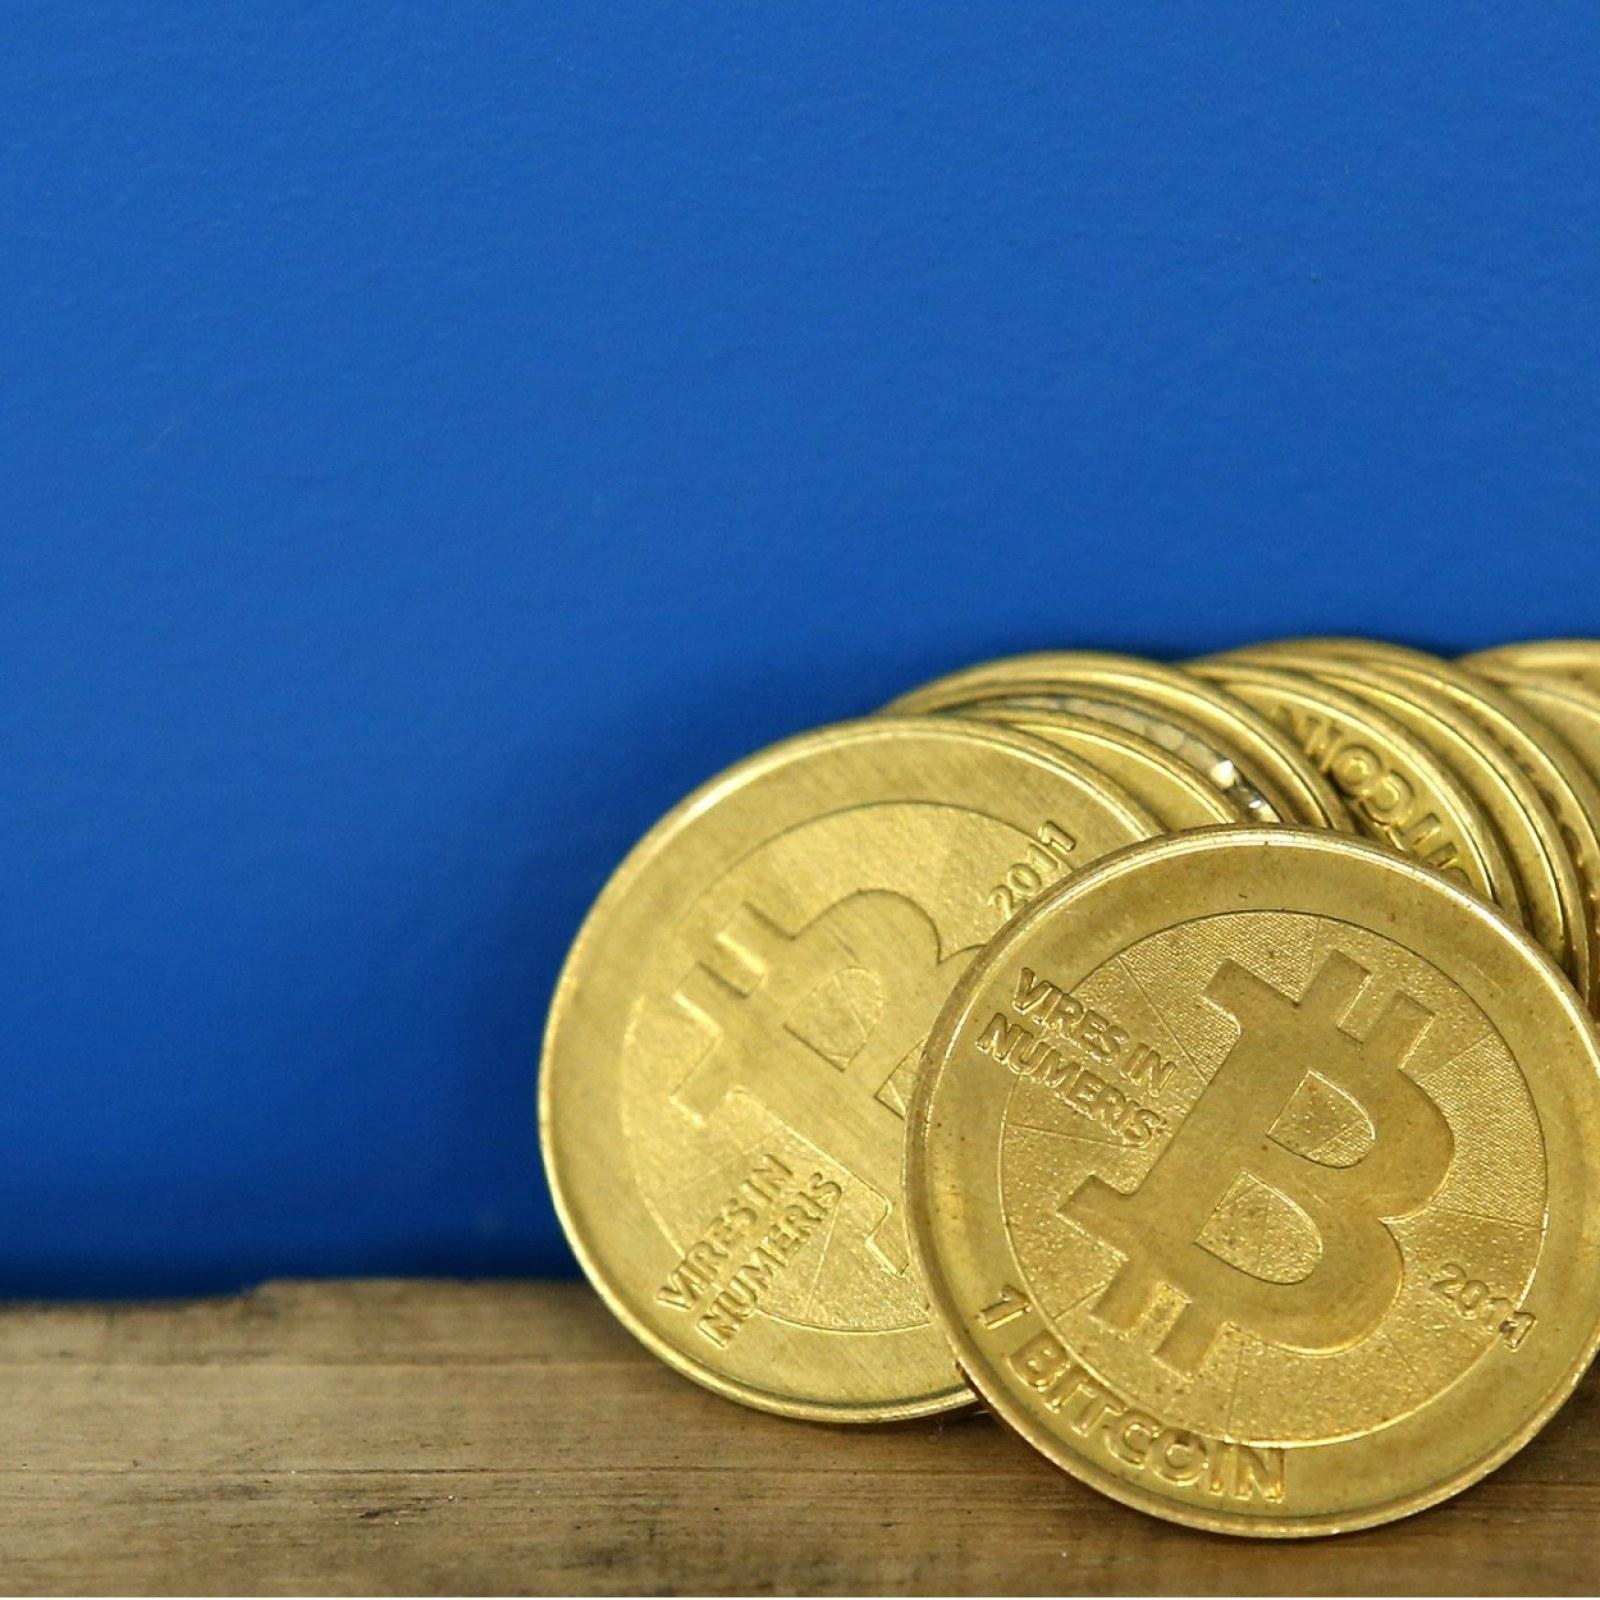 bitcoin ats gold coast)